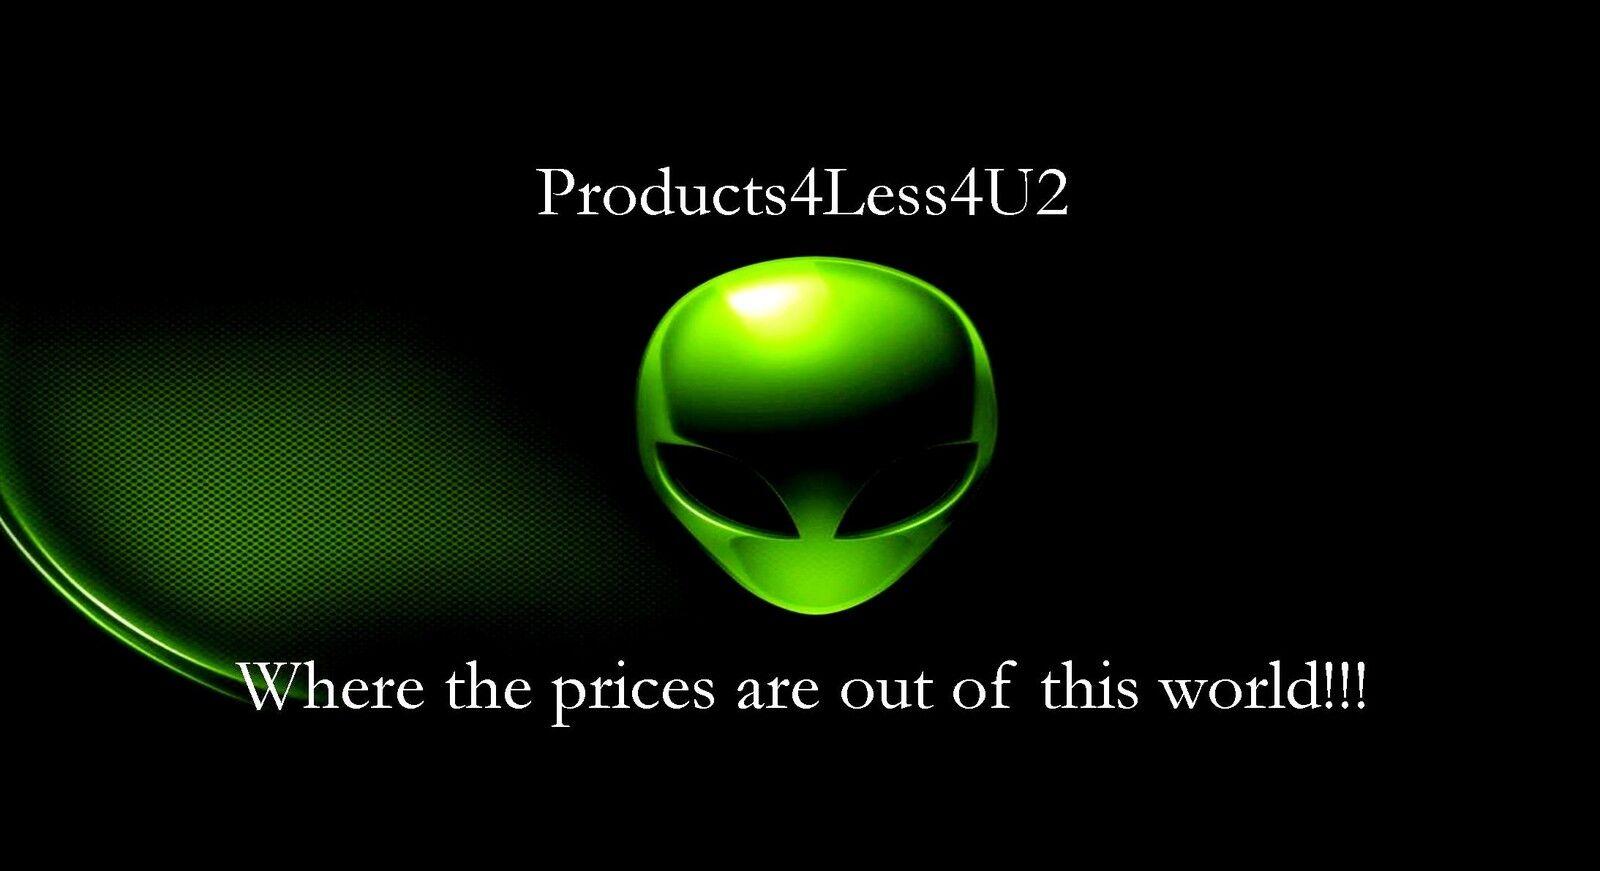 products4less4u2